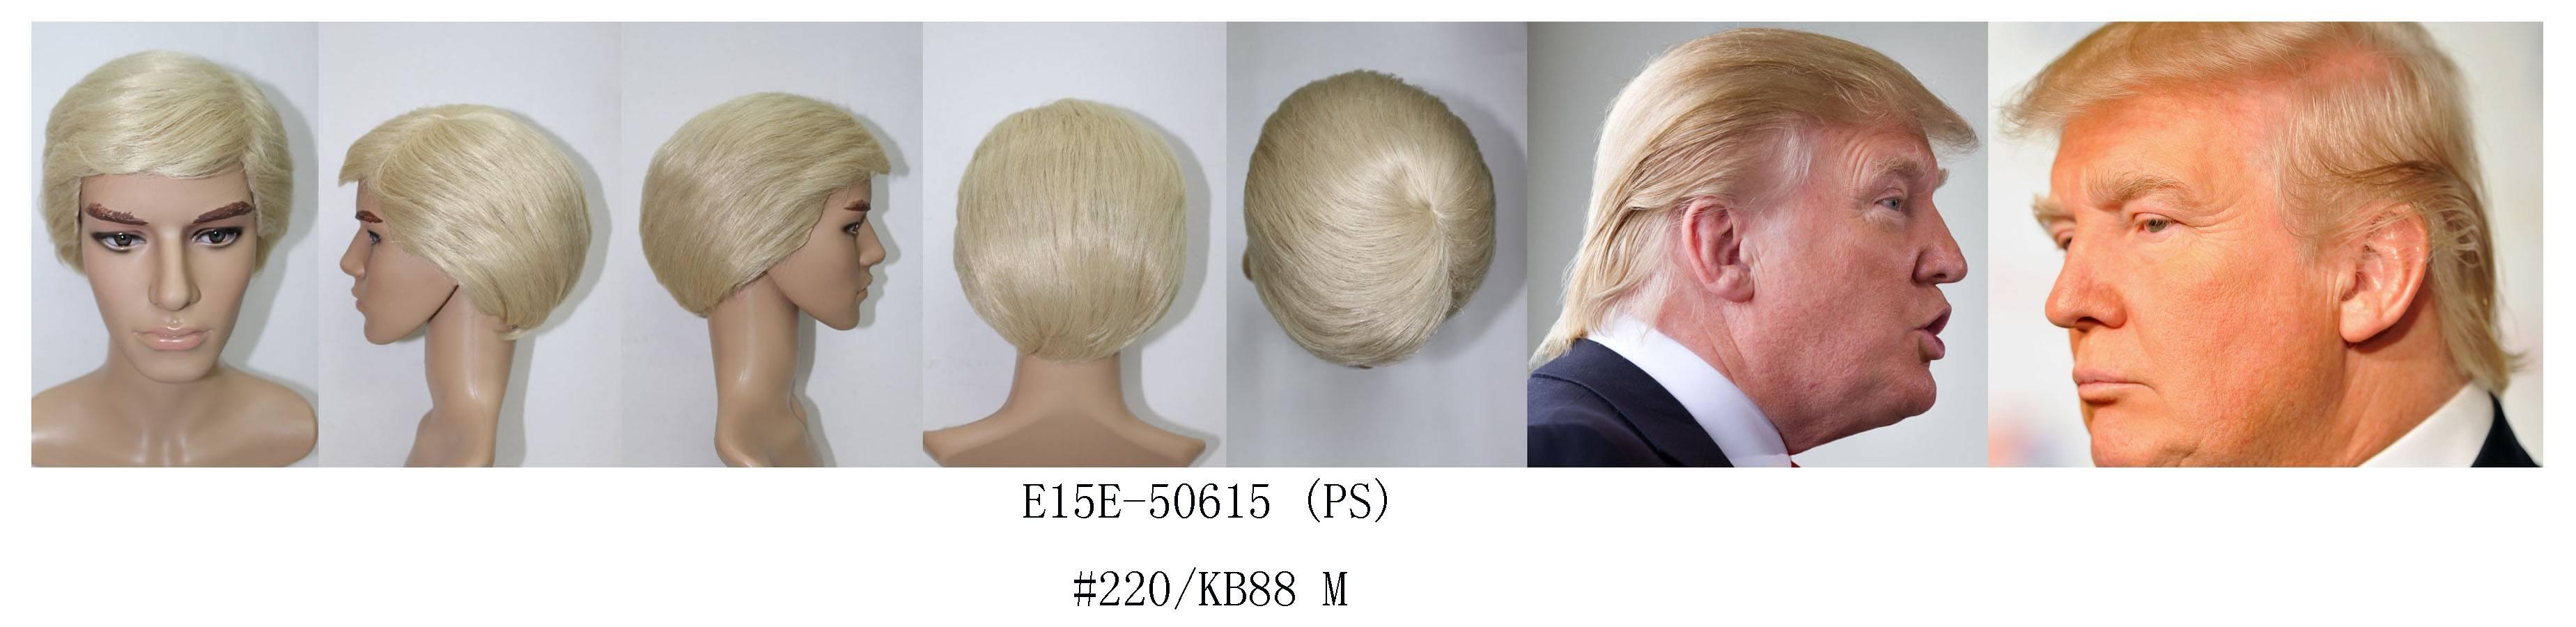 E15E-50615